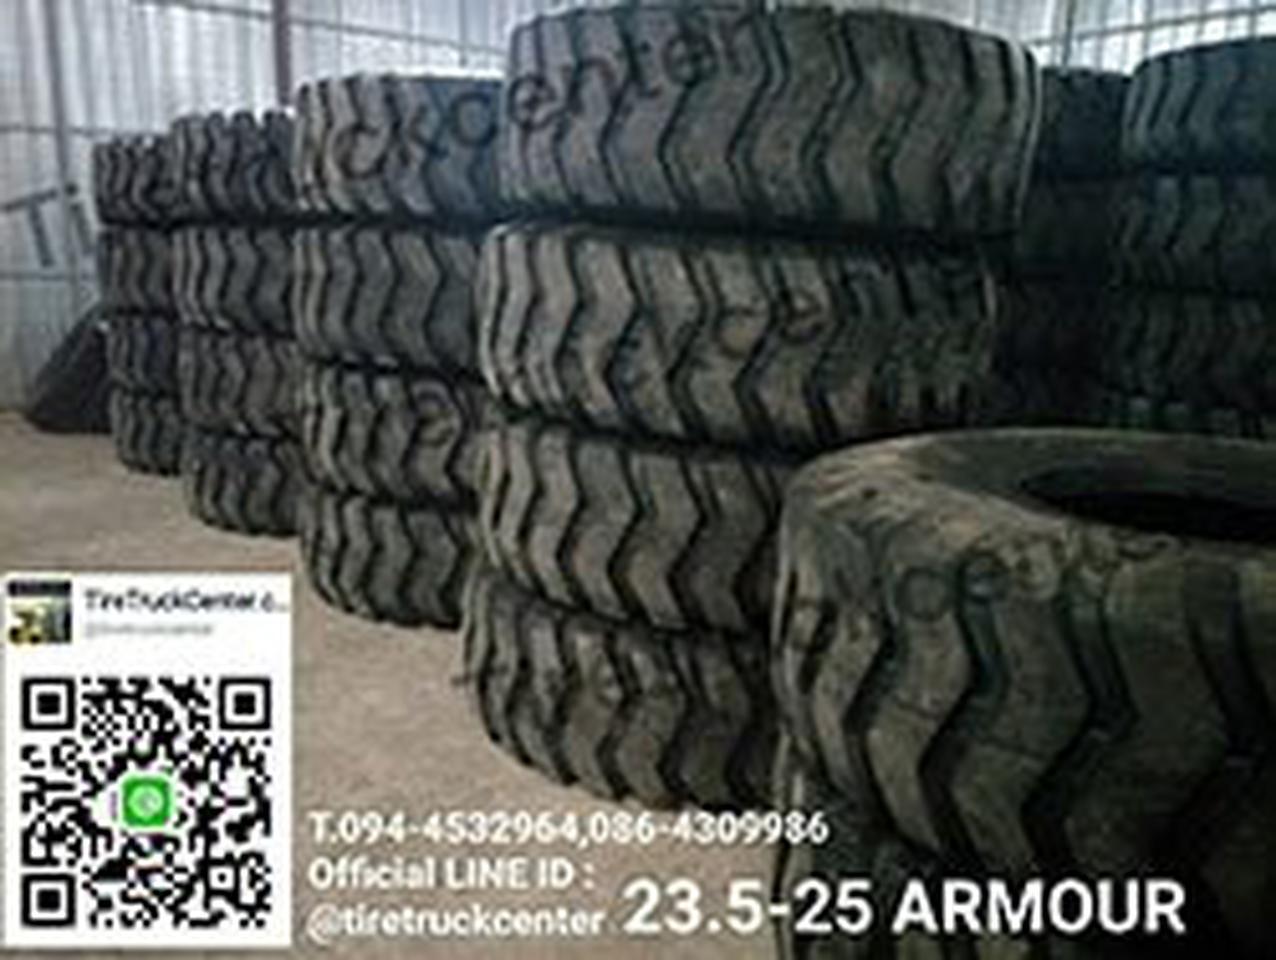 บริษัท ลักค์ 888  จำกัด จำหน่ายยางรถตักขนาด  23.5-25  ARMOUR รูปที่ 1